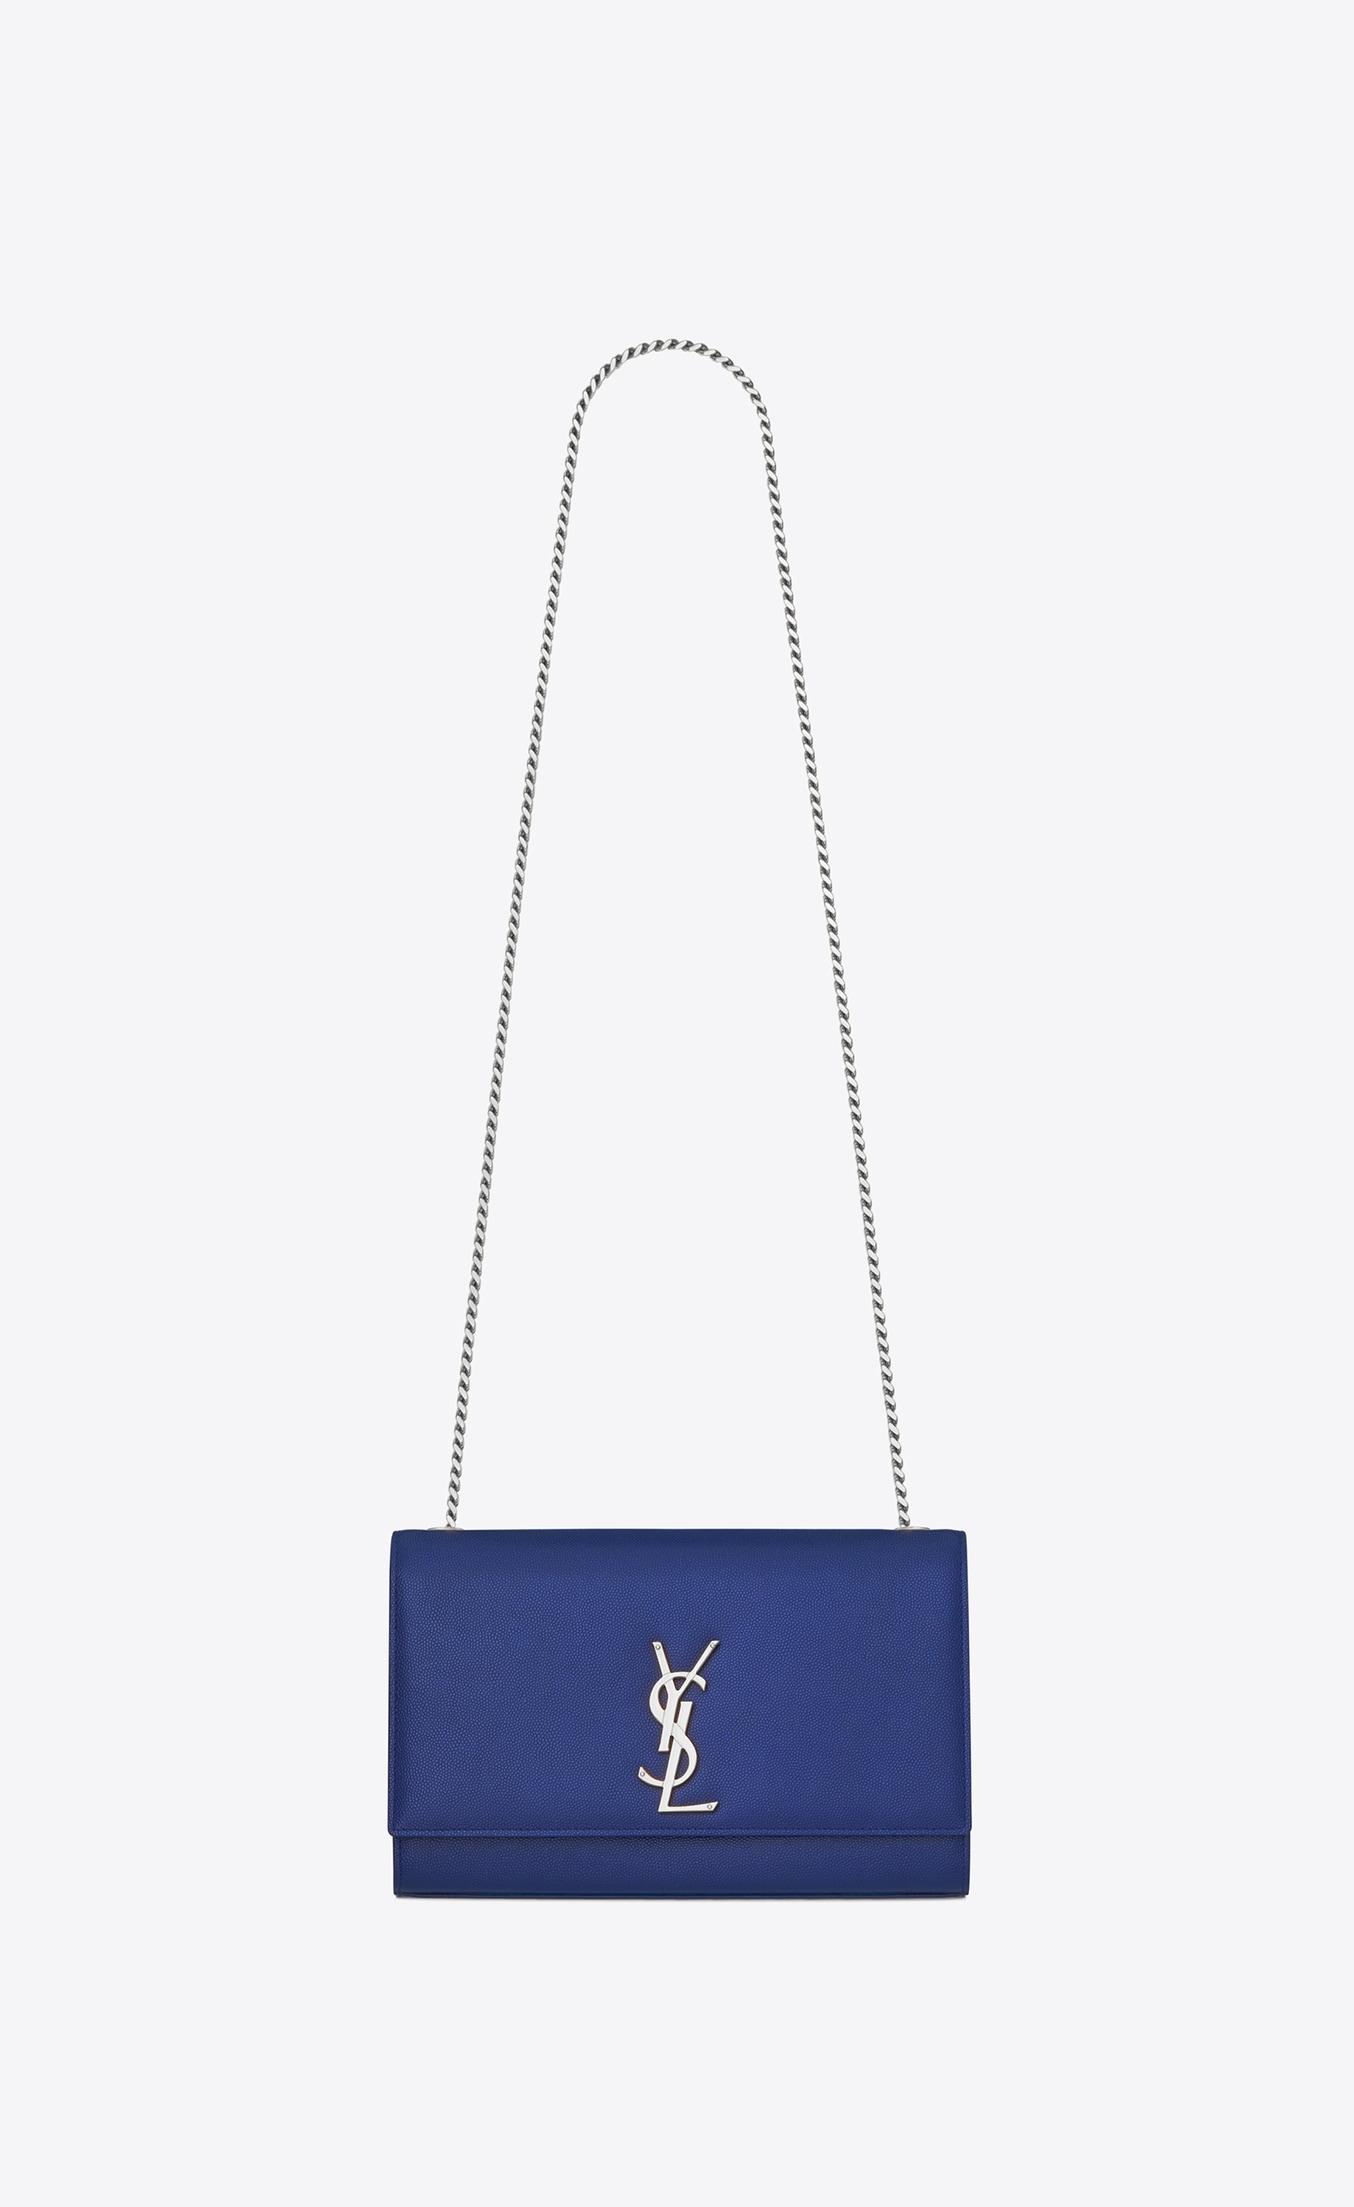 a600ec9d8d2 Saint Laurent Kate Monogram Medium Chain Shoulder Bag on Storenvy